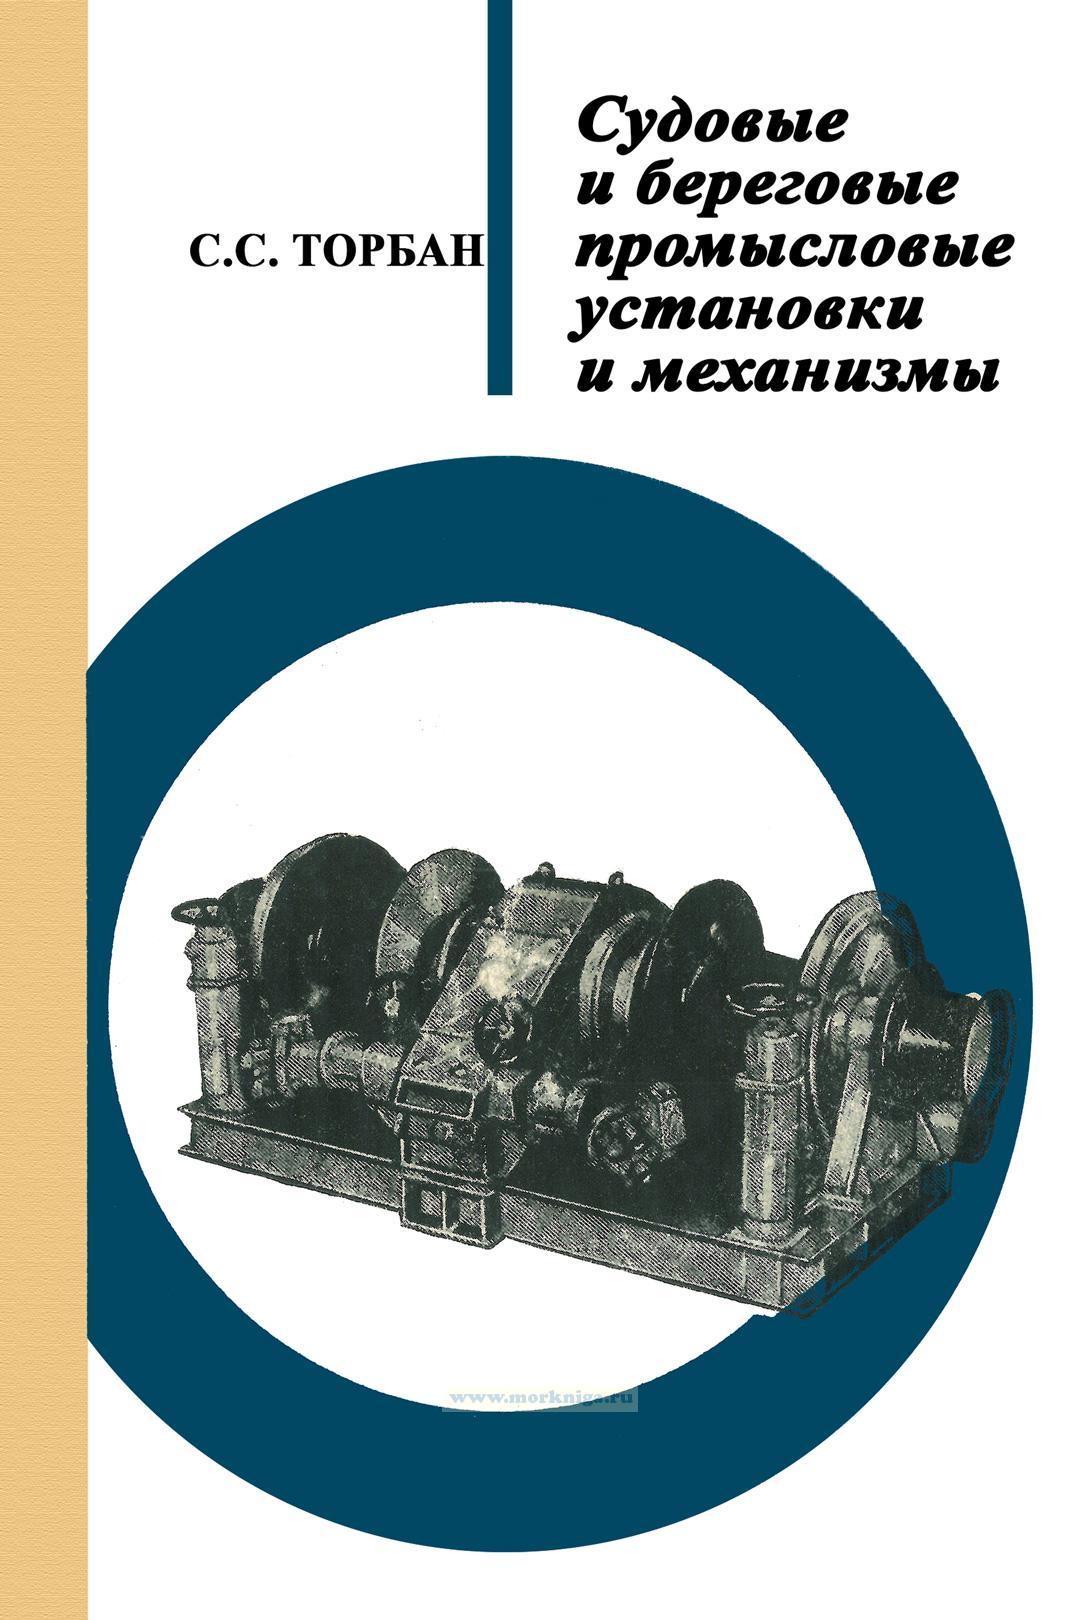 Судовые и береговые промысловые установки и механизмы